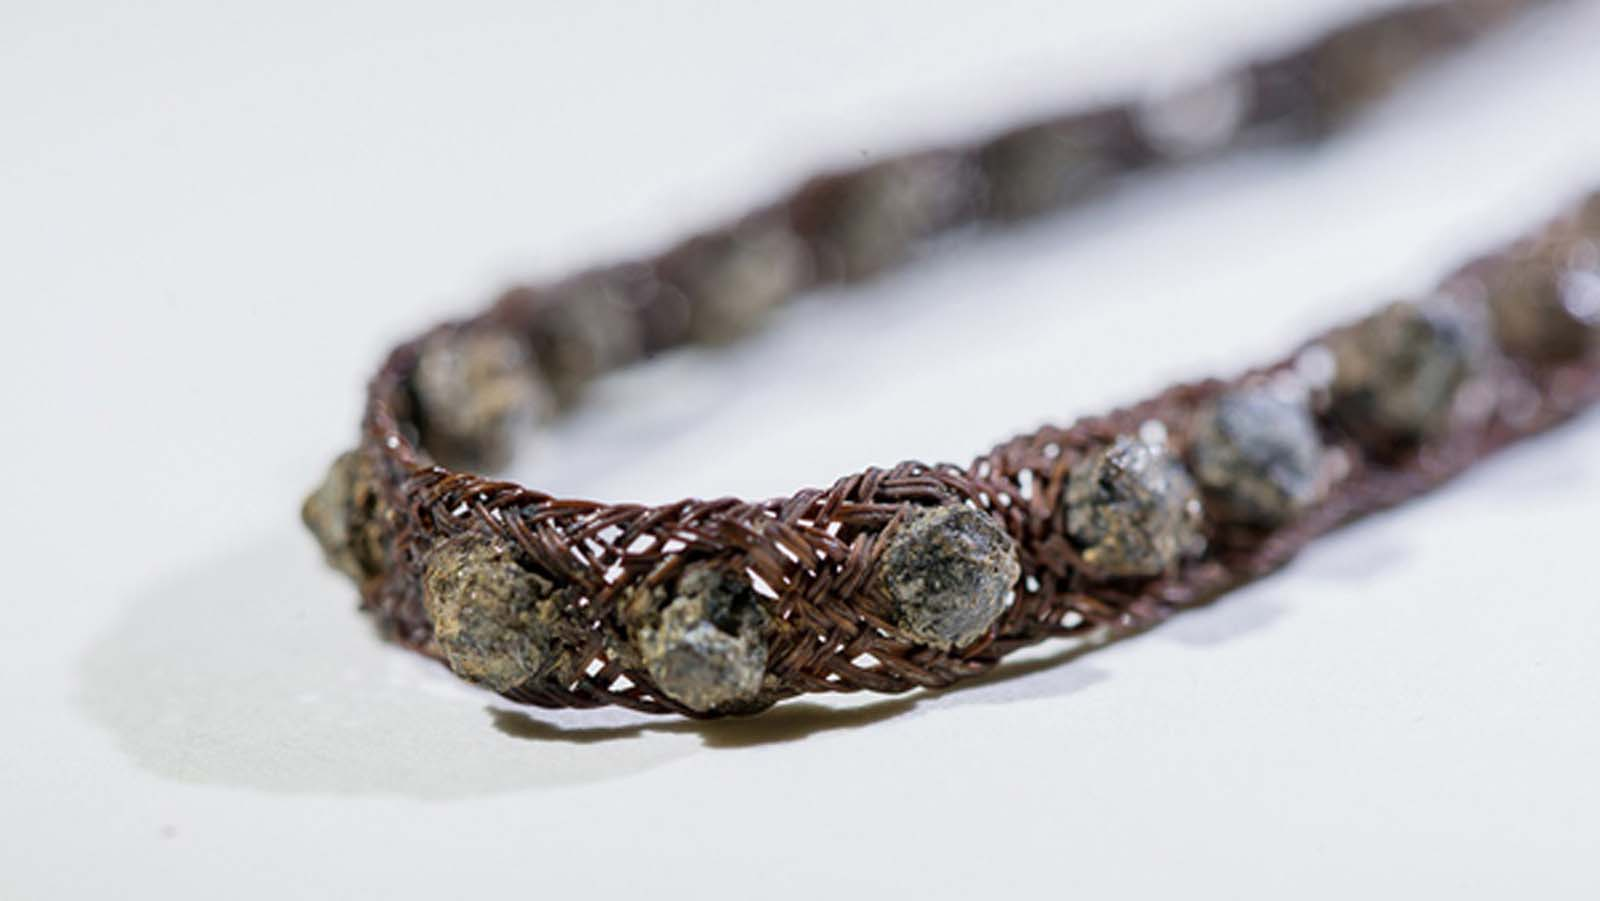 close up of fragile bracelet made of bronze and precious stones